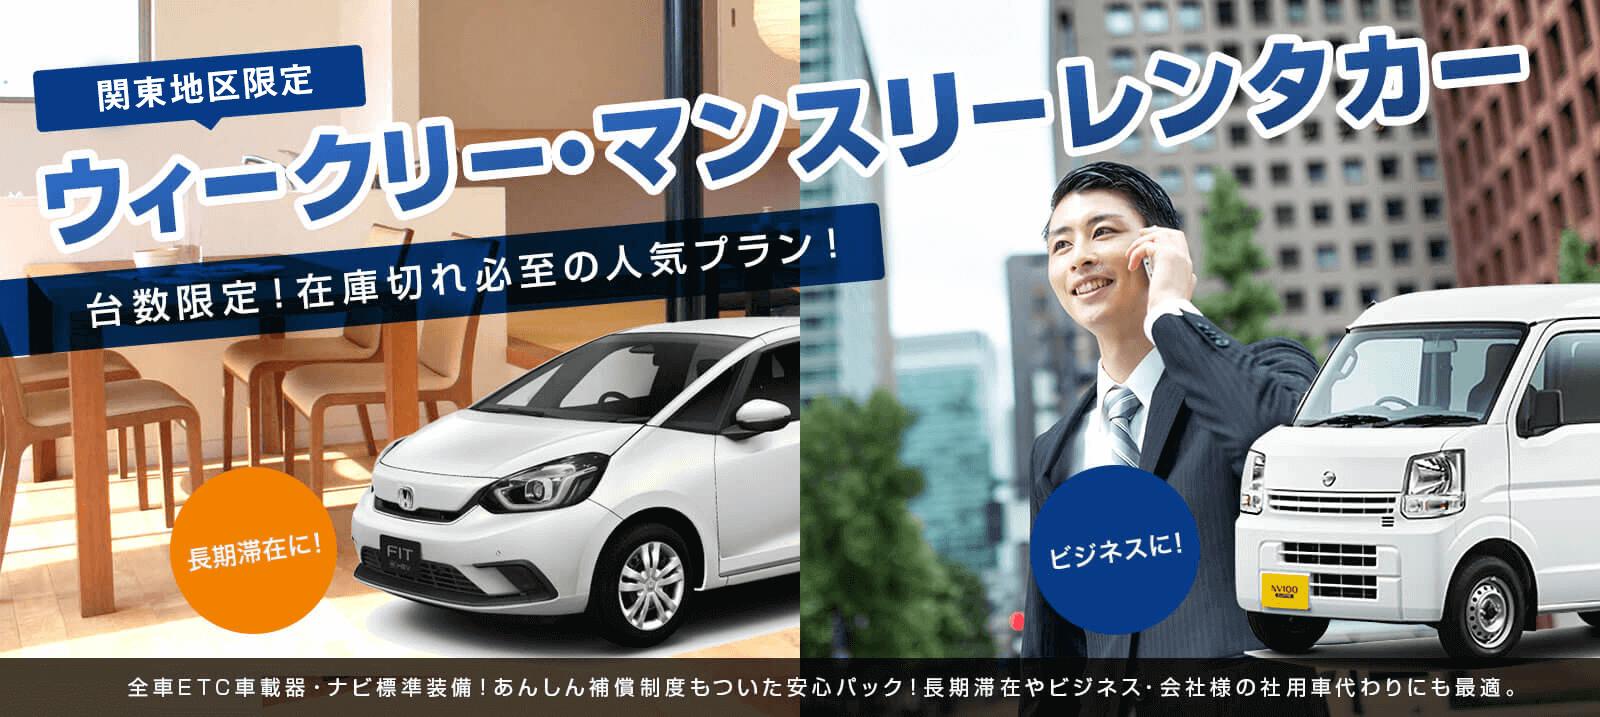 東京・神奈川地区限定 ウィークリー・マンスリーレンタカー【電話予約限定】